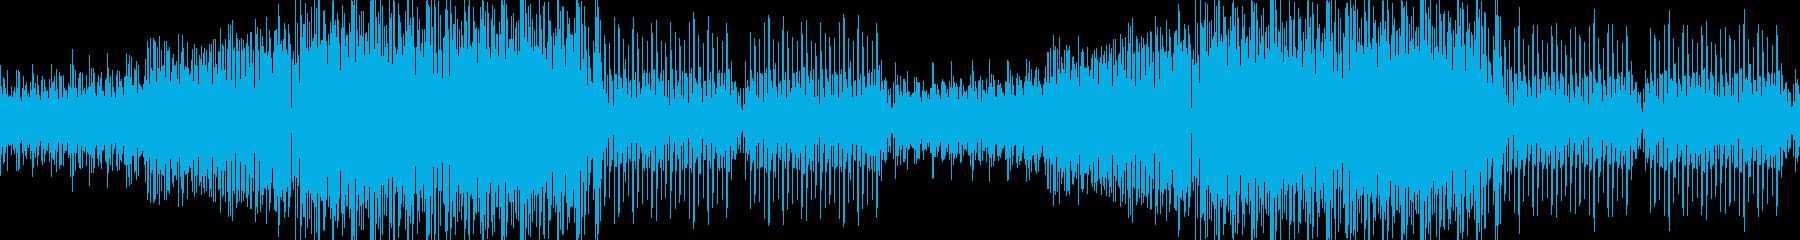 和風EDM・爽やか軽快・楽しい琴・三味線の再生済みの波形